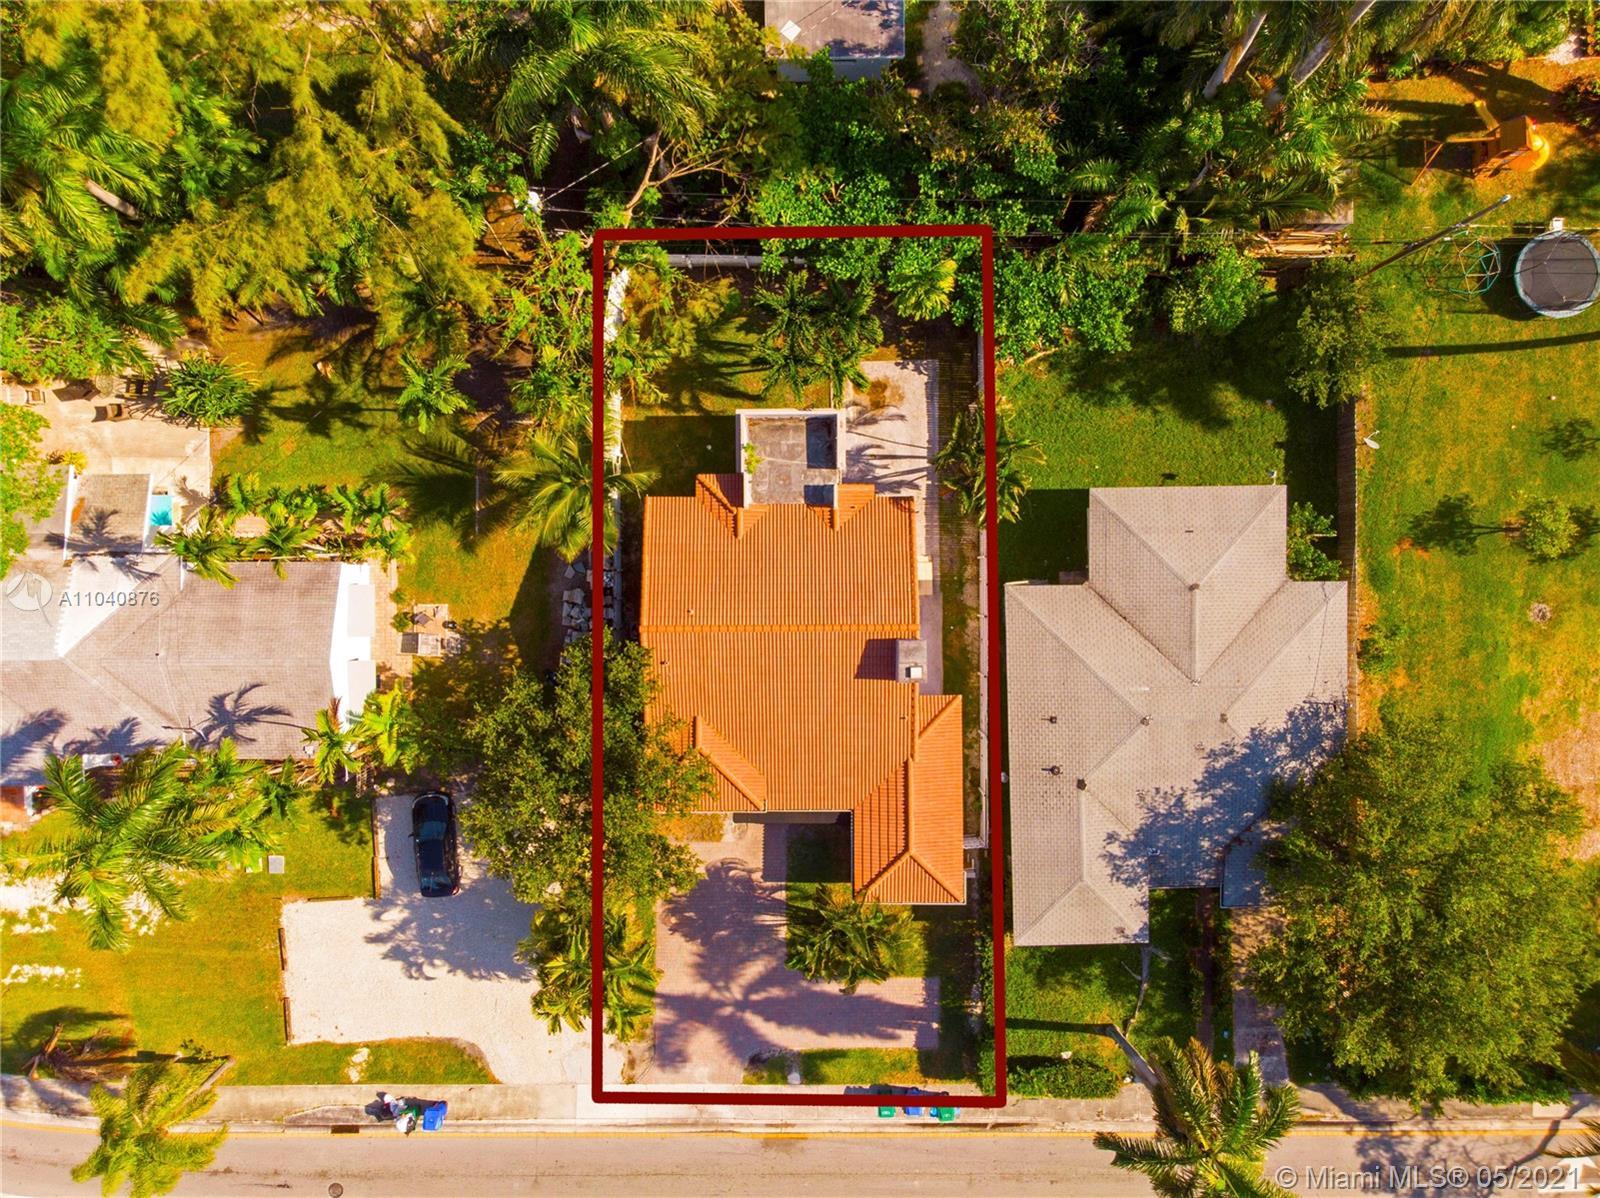 Shore Crest - 1040 NE 82nd St, Miami, FL 33138